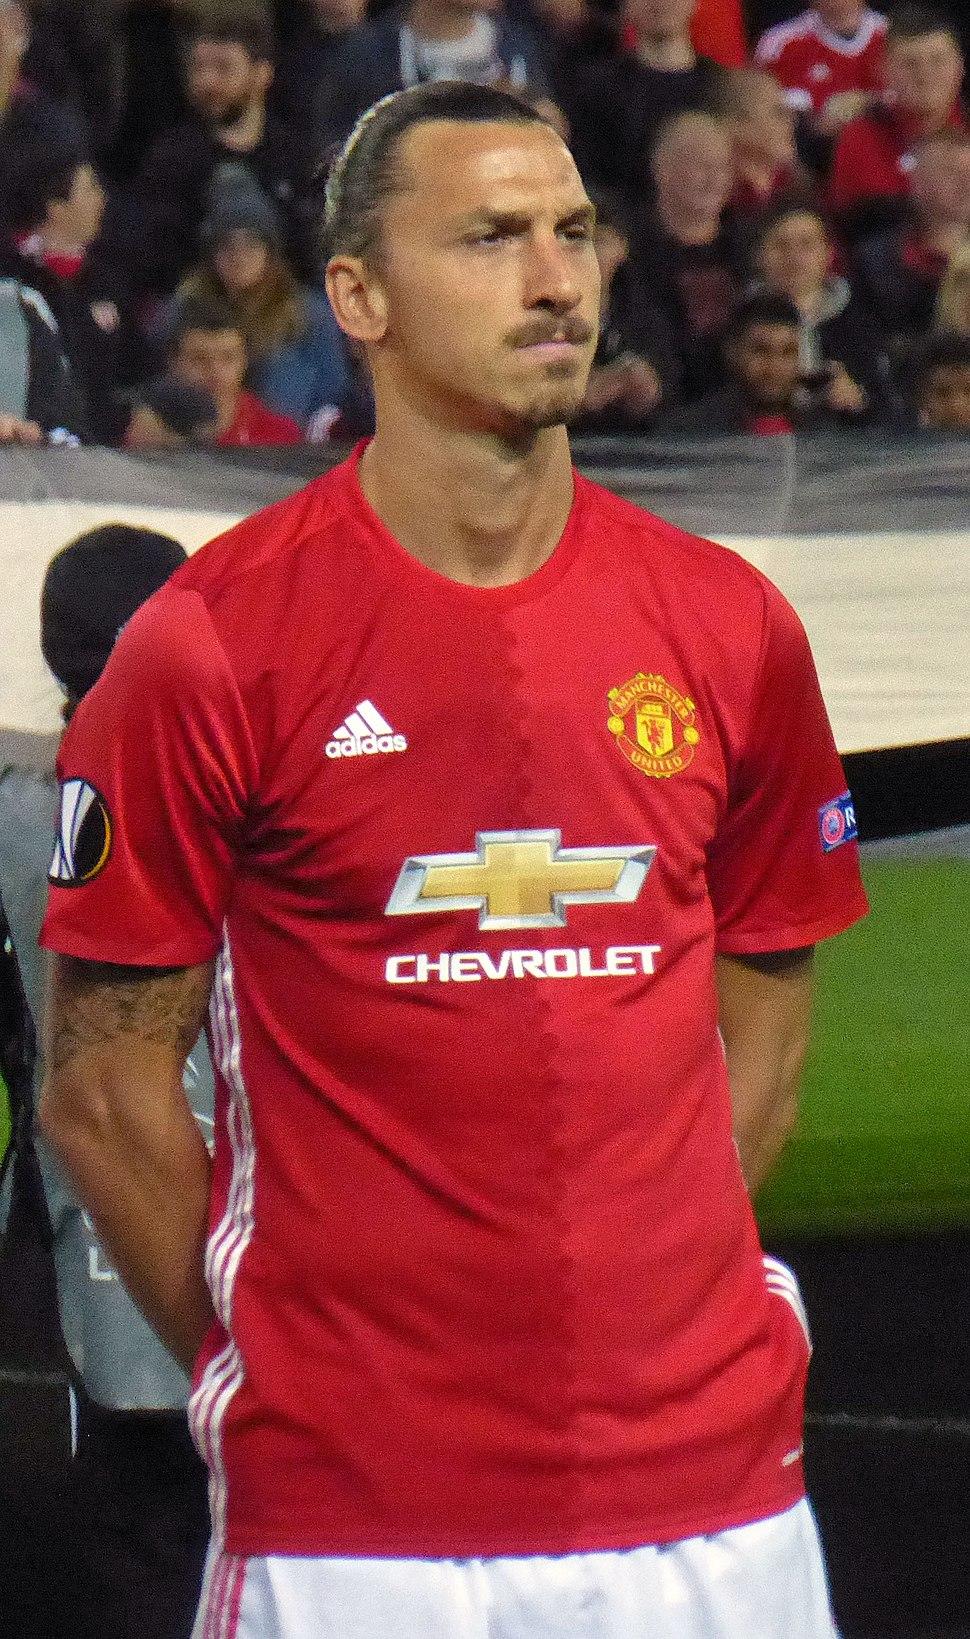 Manchester United v Zorya Luhansk, September 2016 (08) - Zlatan Ibrahimovi%C4%87 (edited)